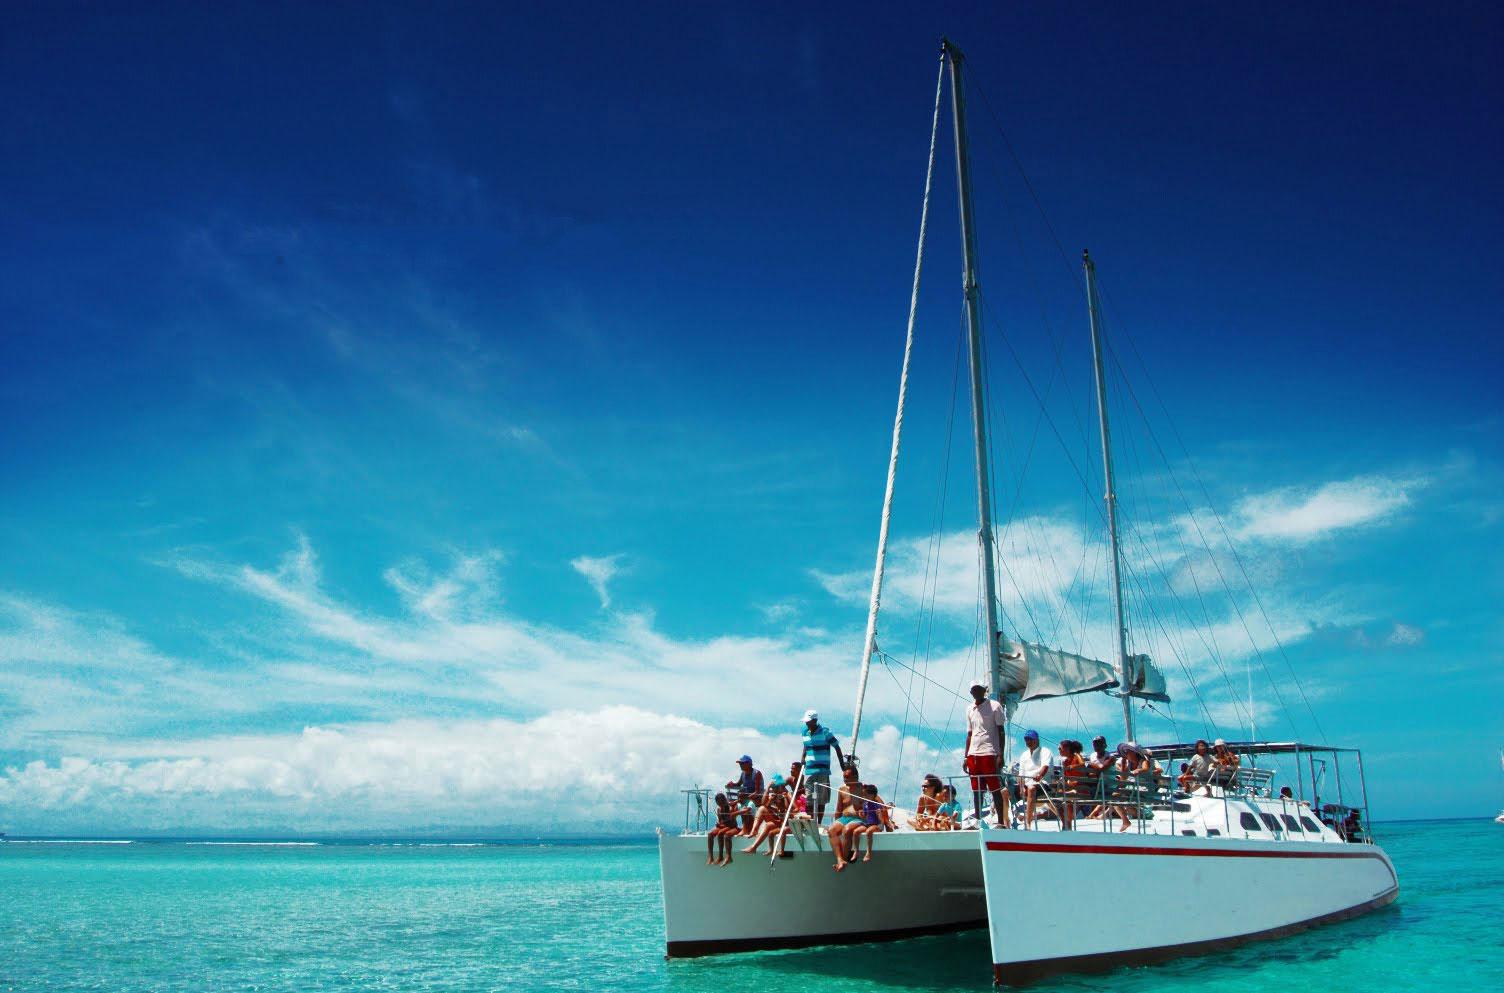 کشتی کاتاماران جزیره موریس